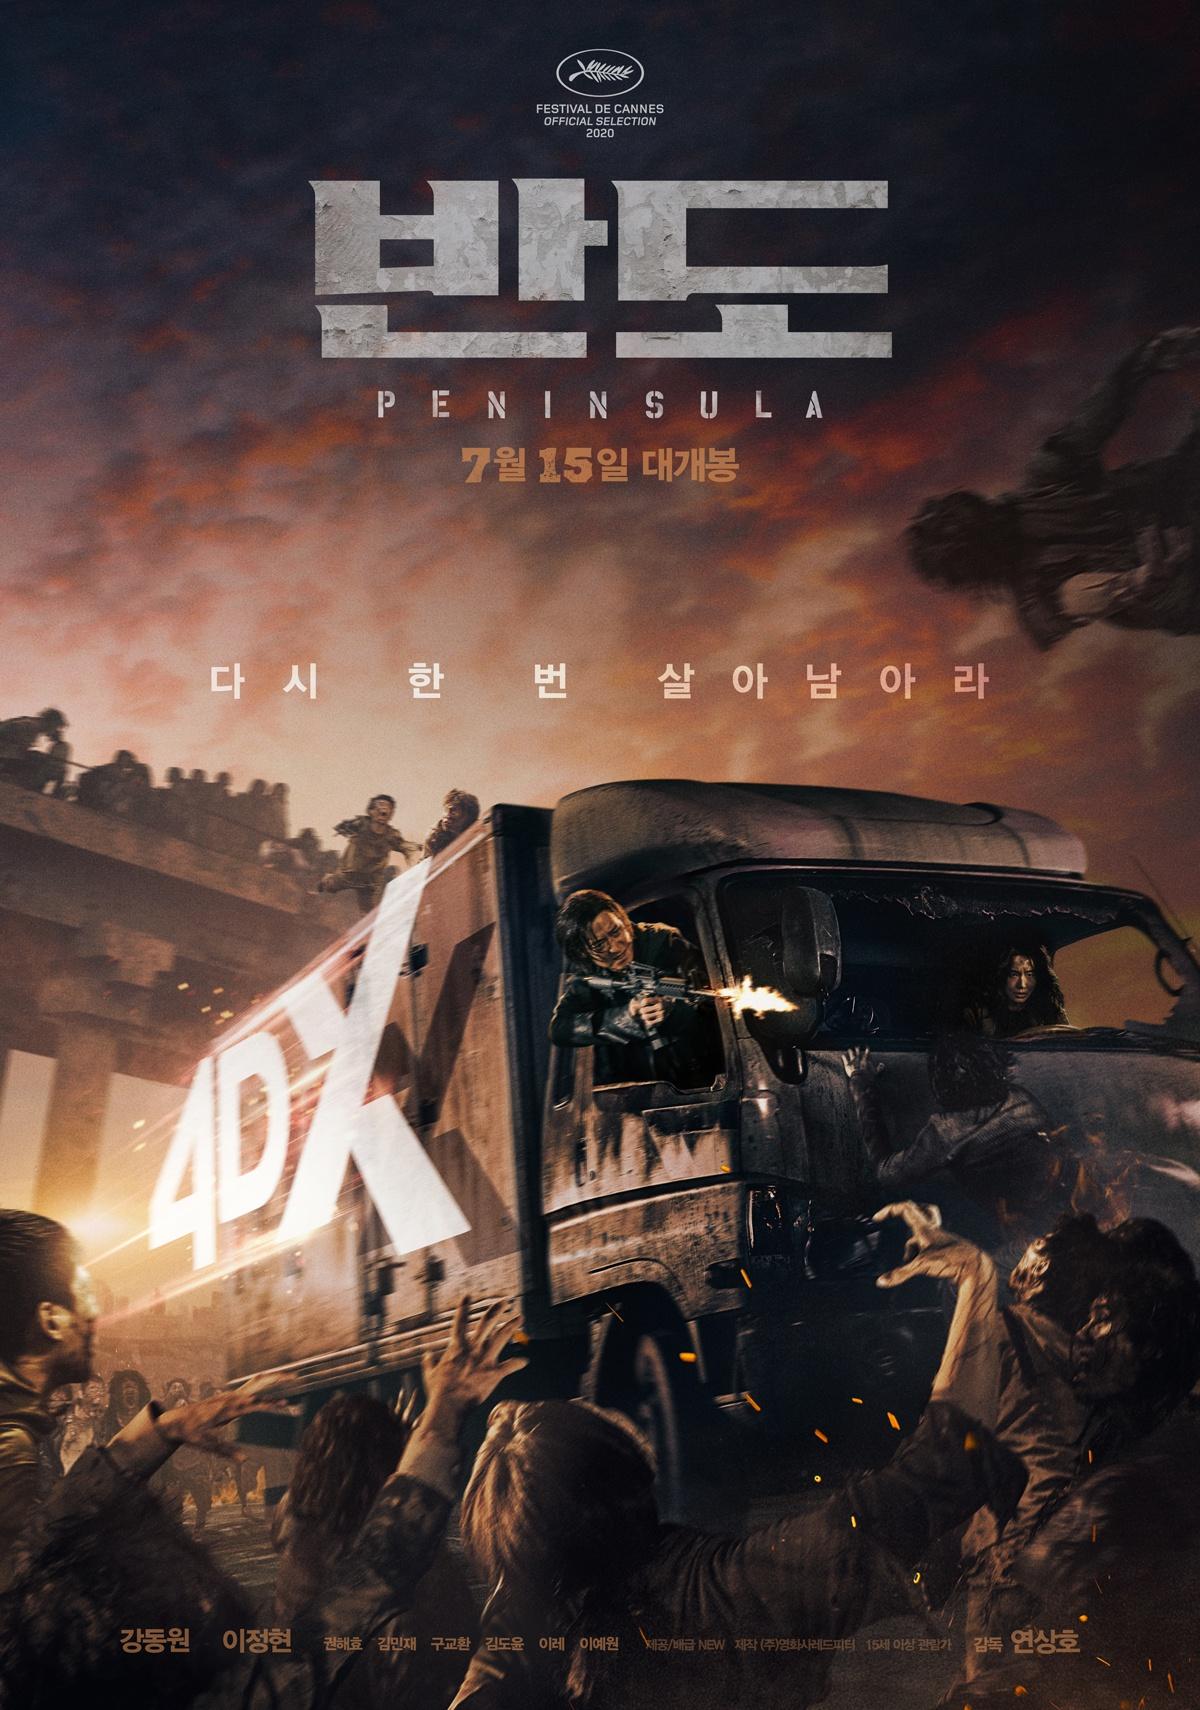 【杏悦】2半岛刷新韩国杏悦电影市场2020年预售图片